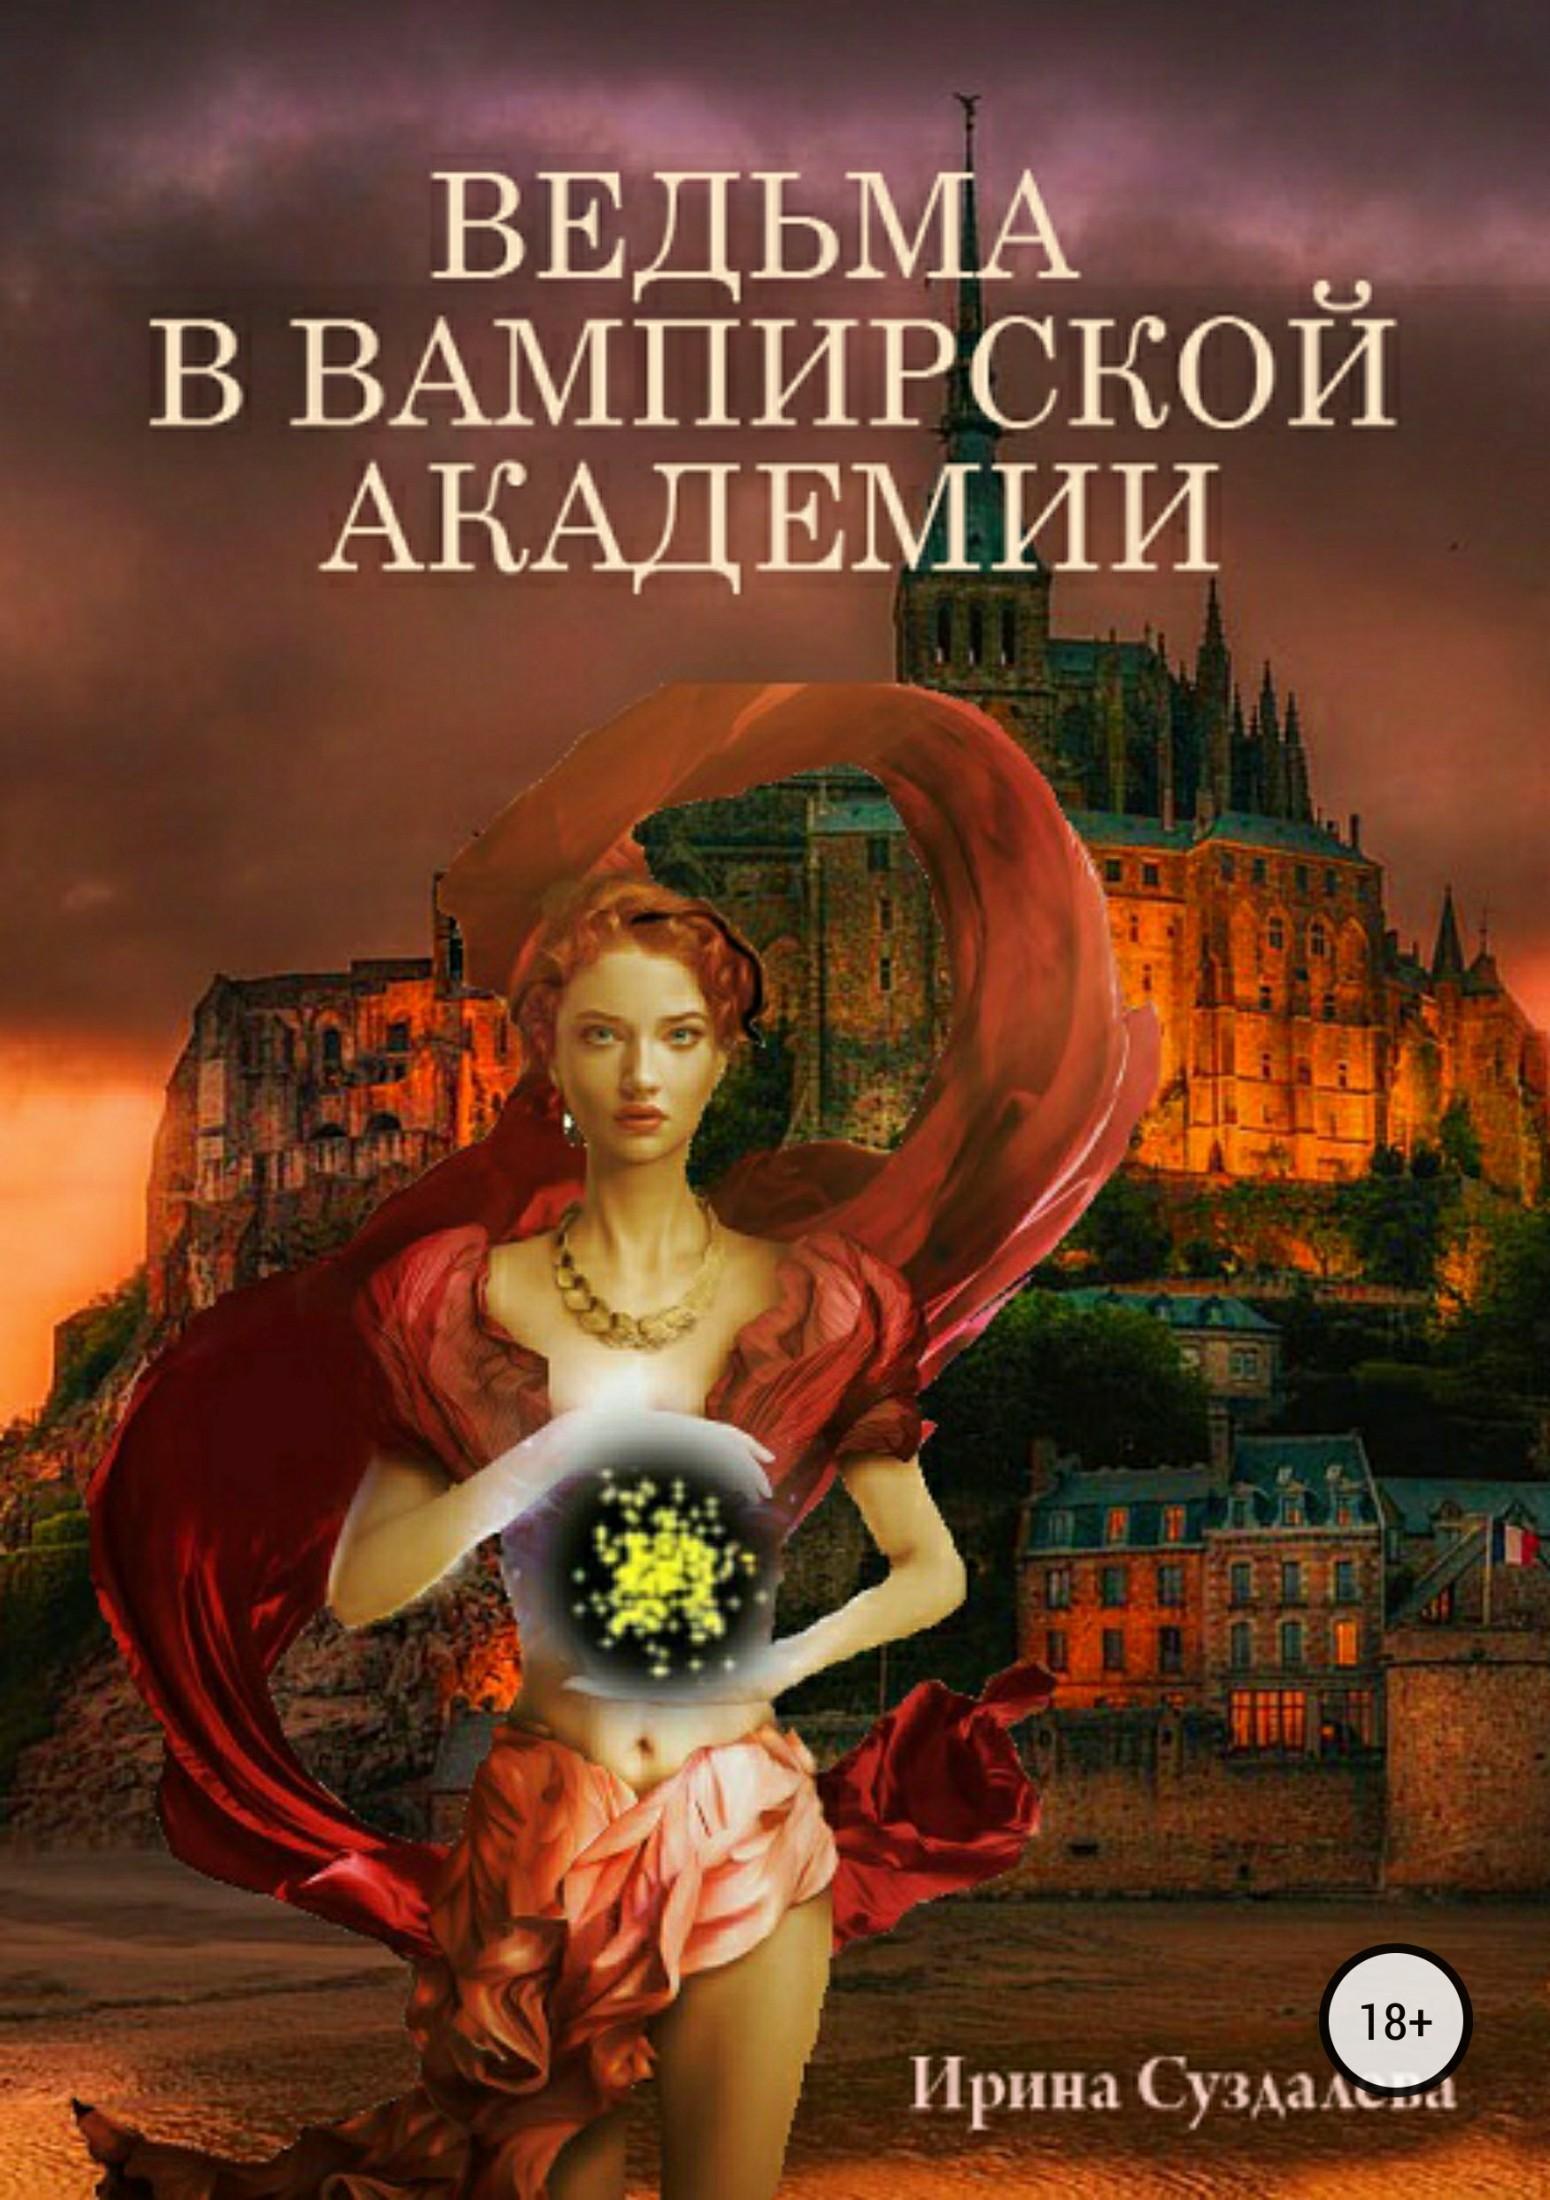 Ирина Суздалева - Ведьма в вампирской академии